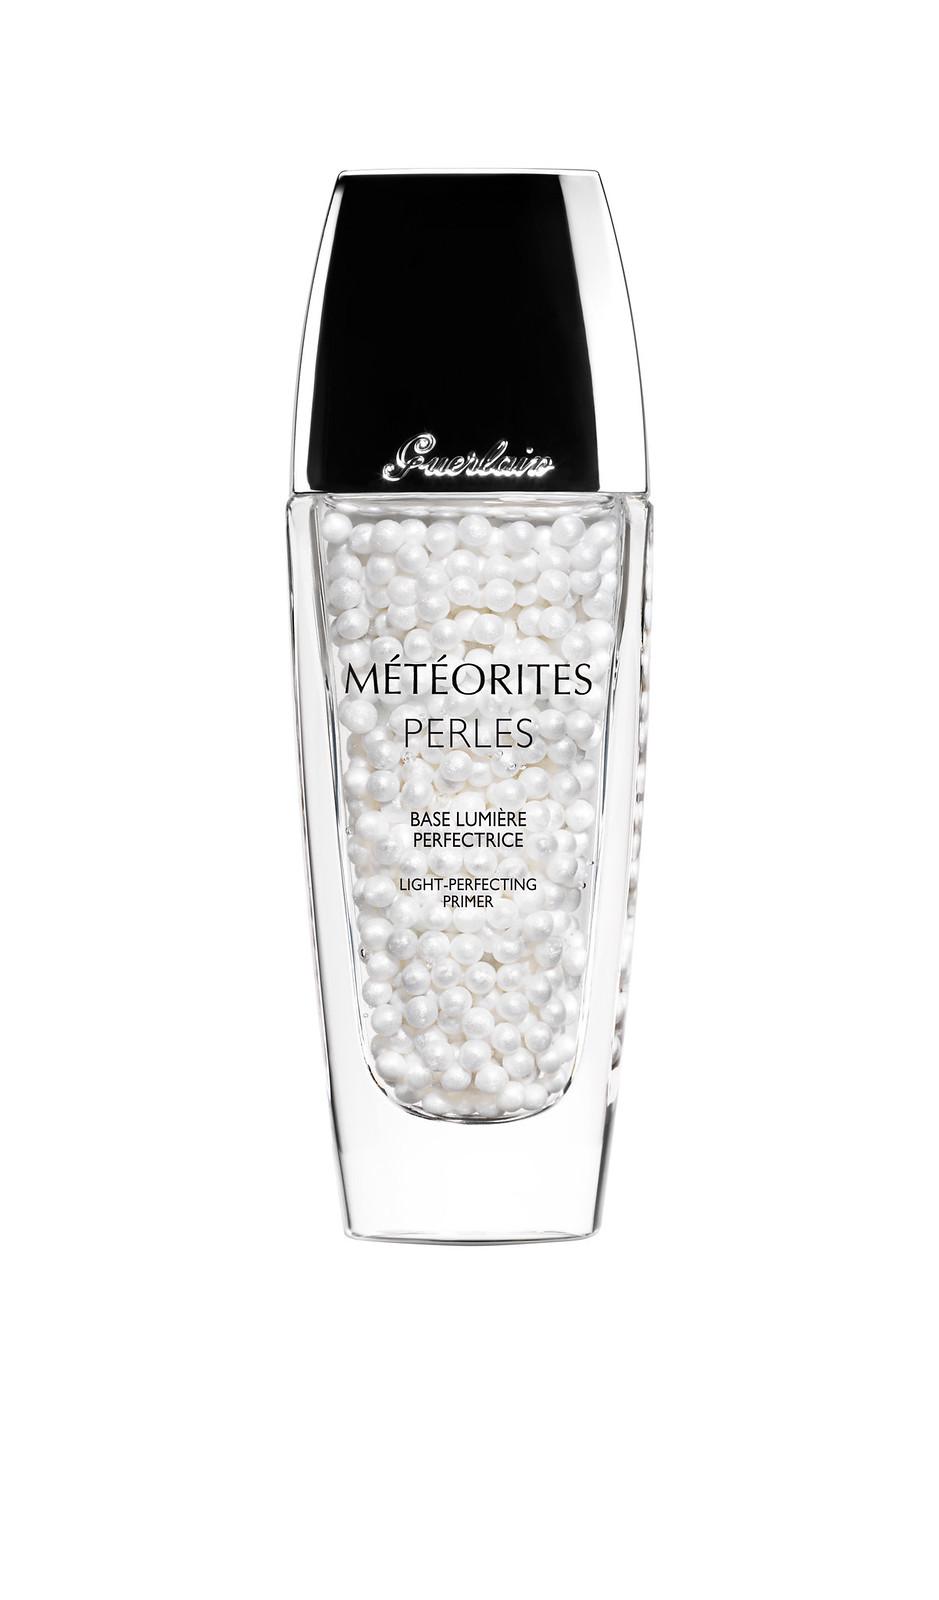 Meteorites-perles